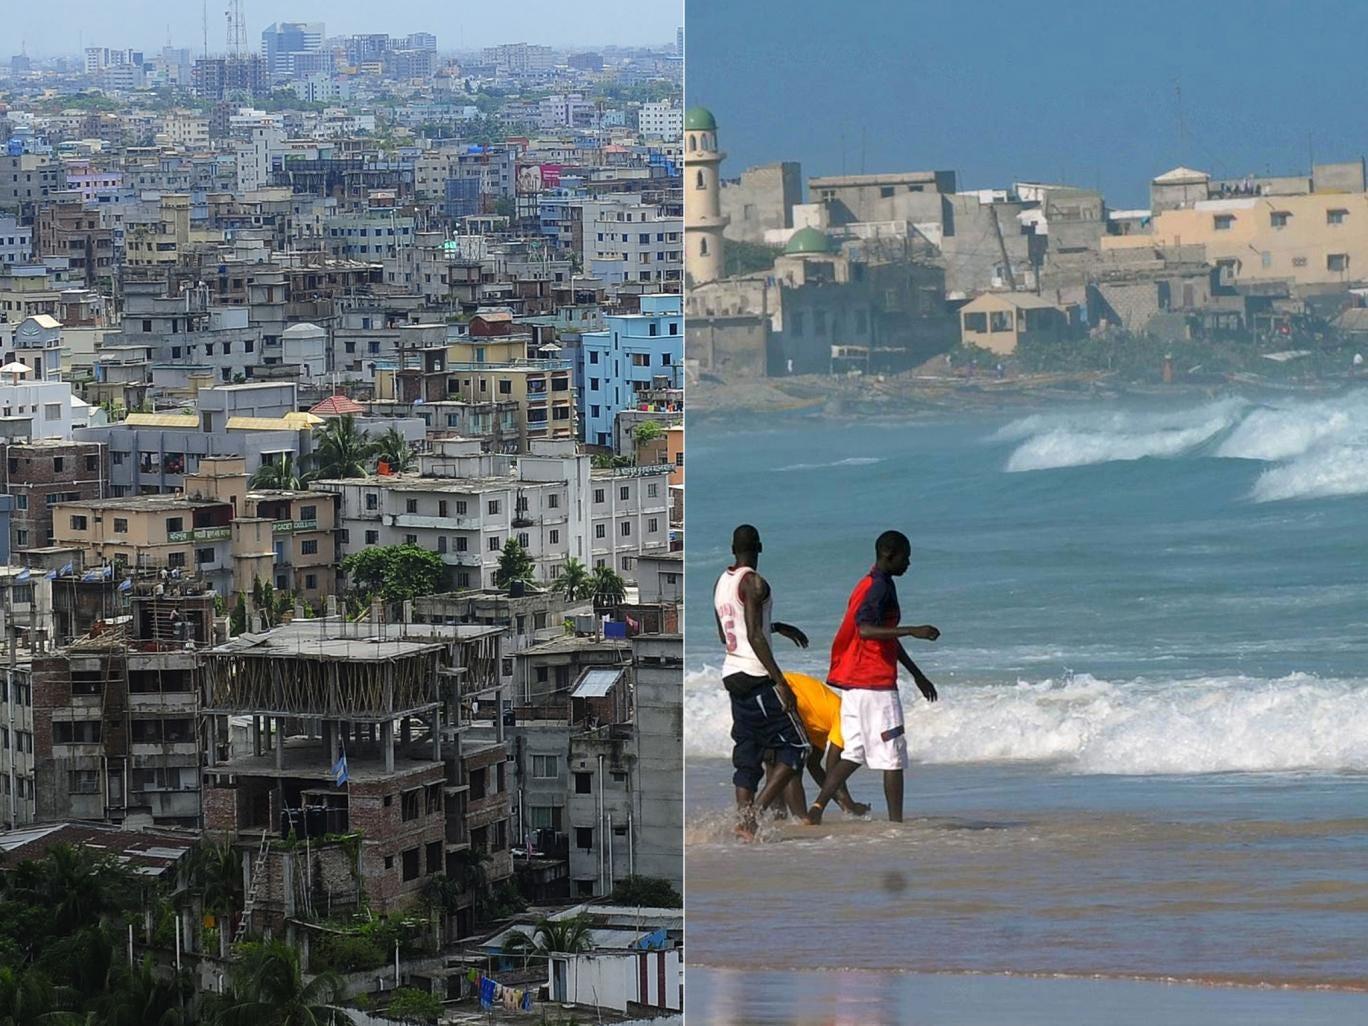 Dhaka and Dakar